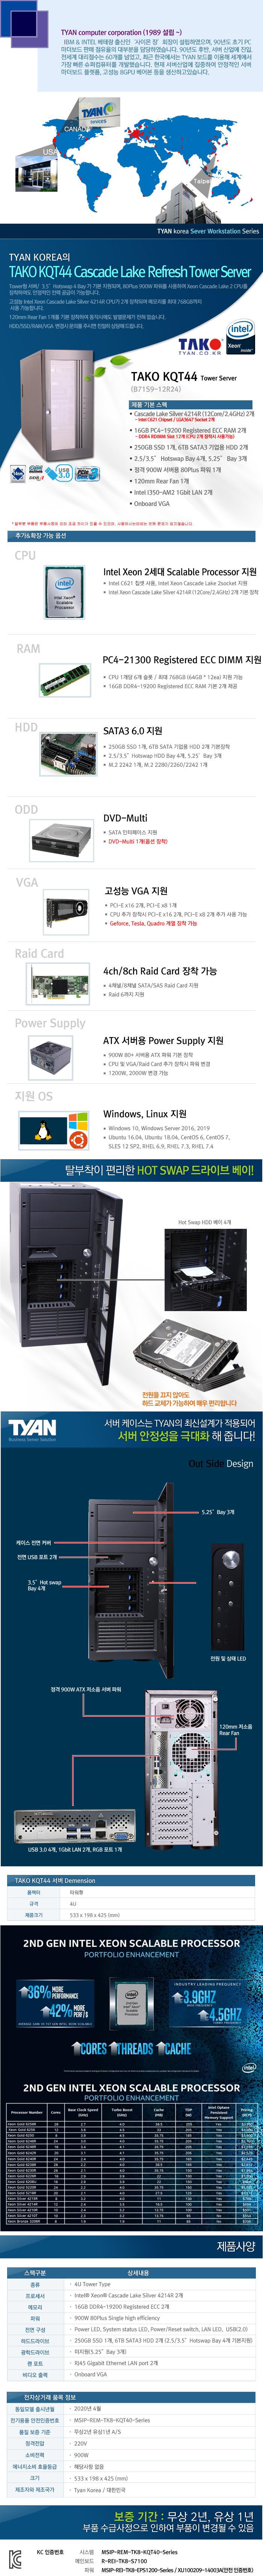 TYAN TAKO-KQT44-(B71S9-12R24) (32GB, SSD 250GB + 12TB)